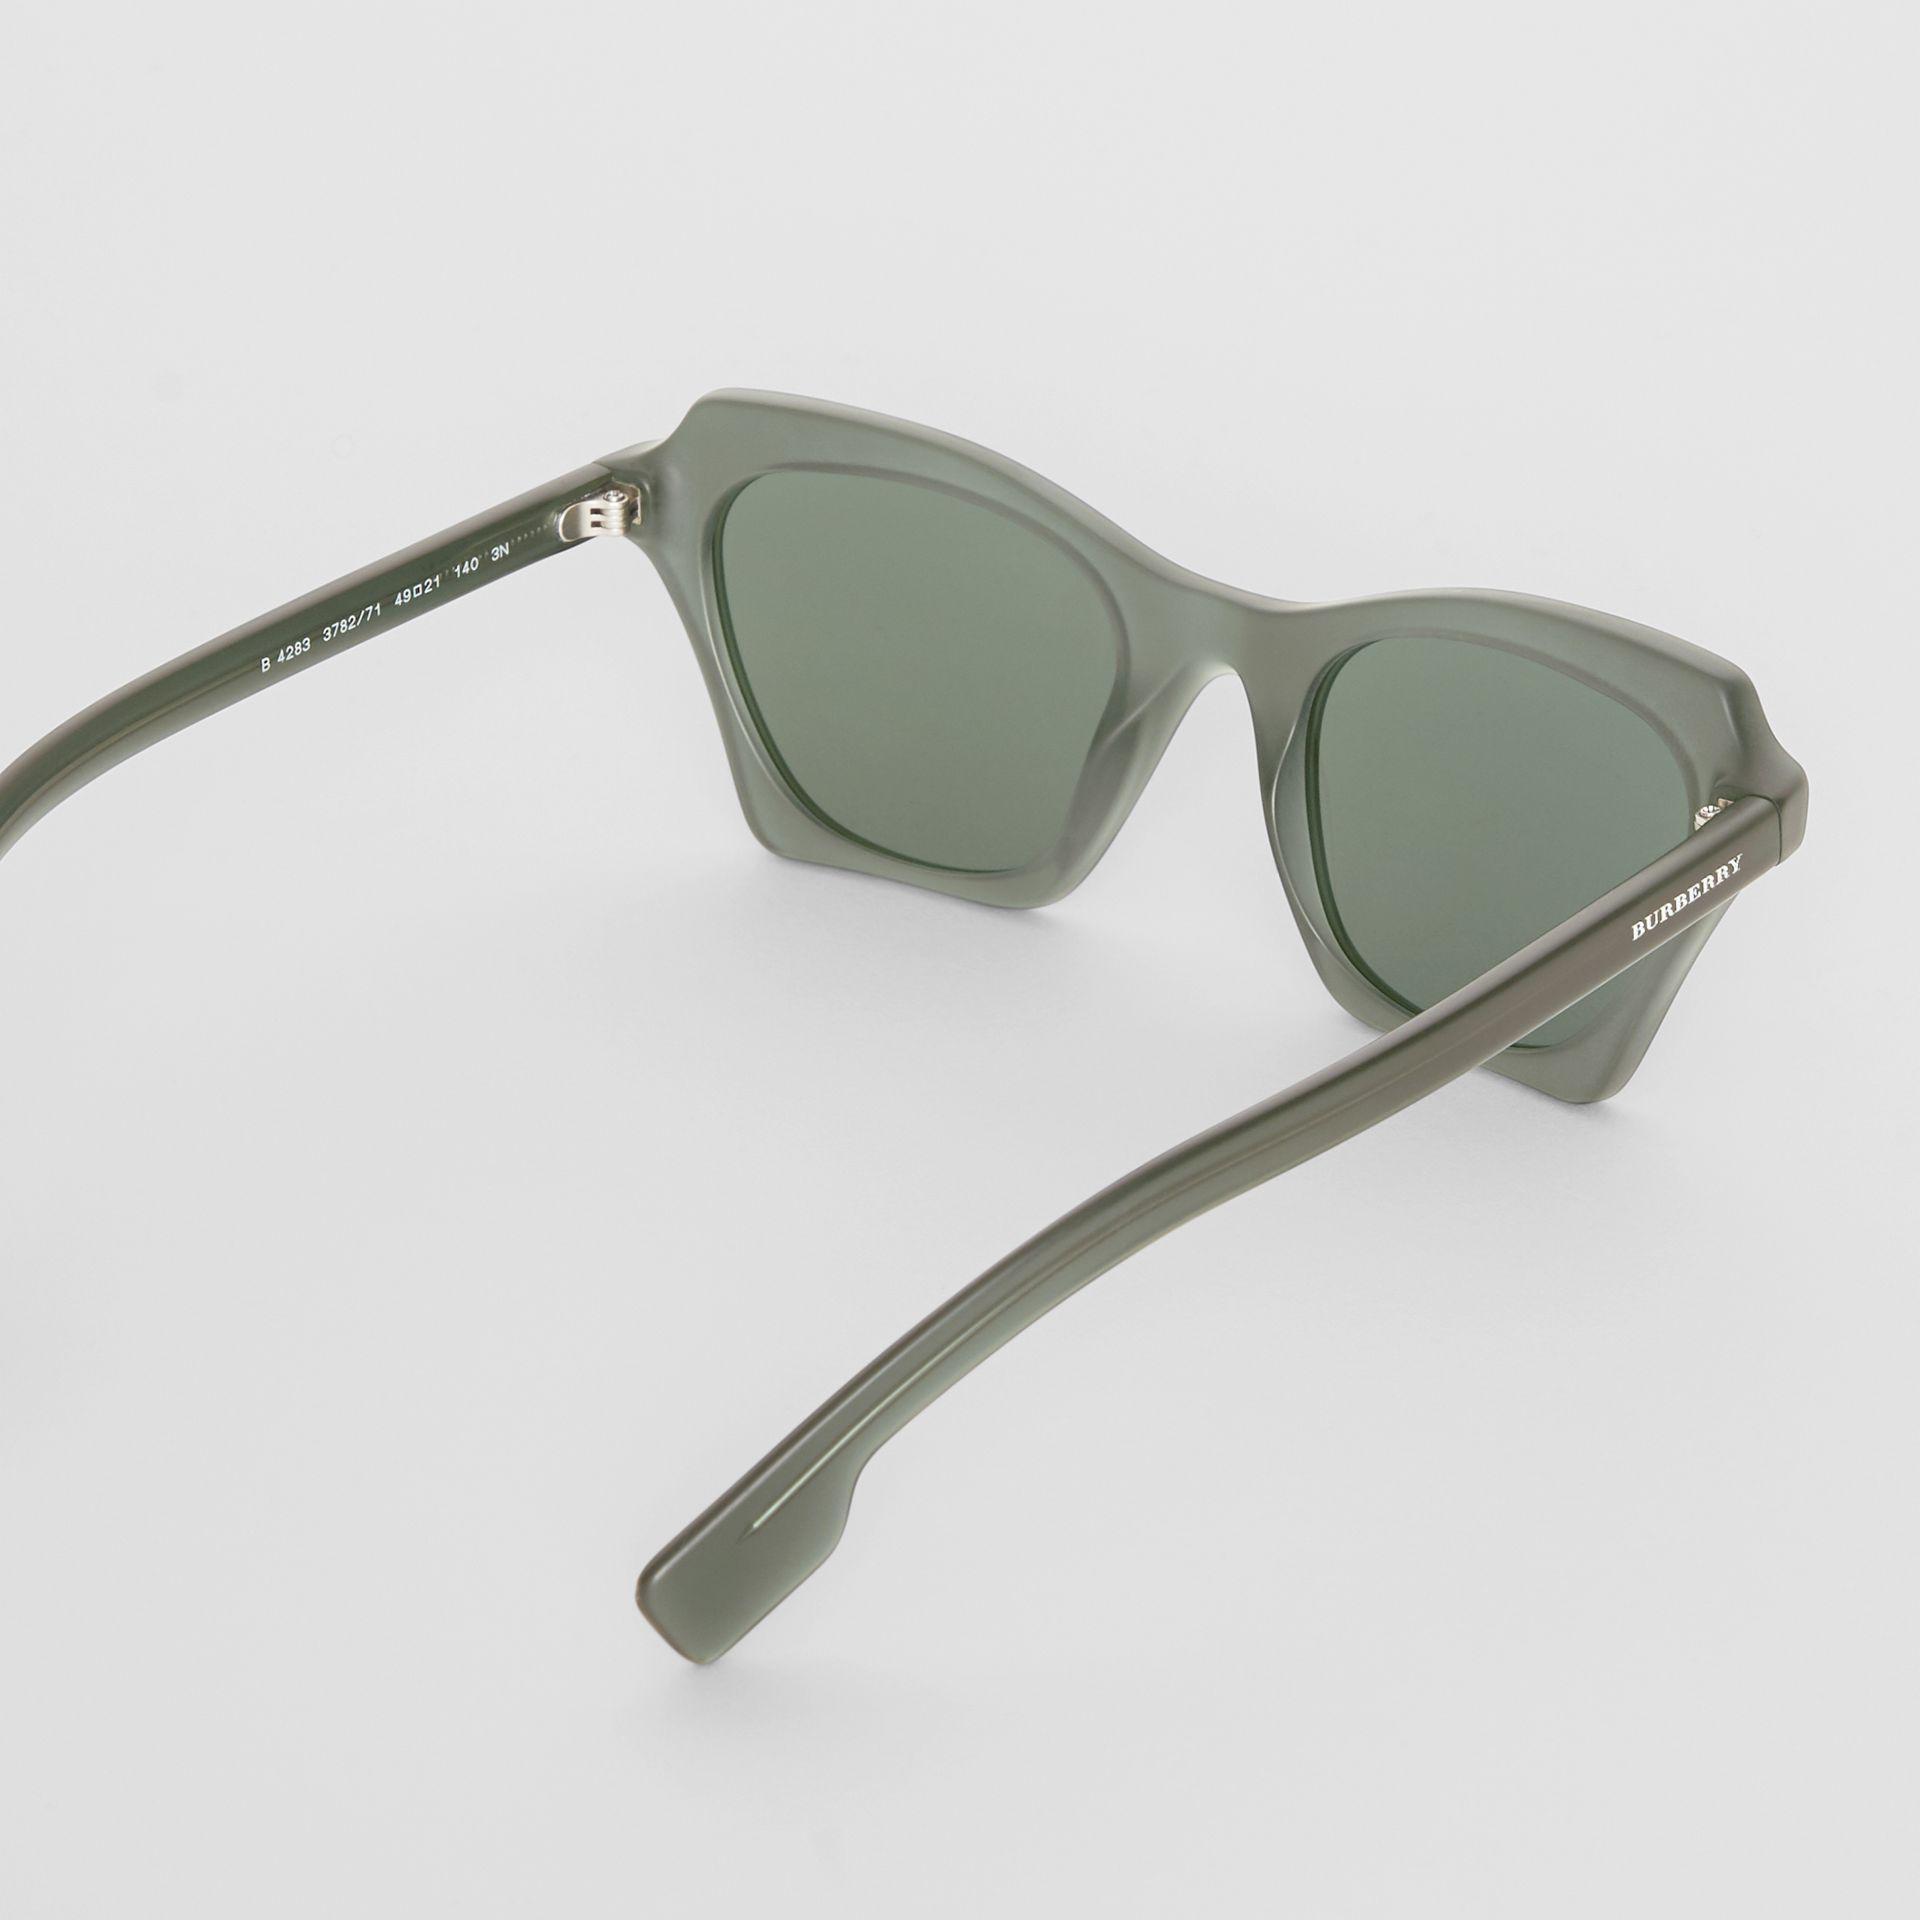 9d1ed5884a0d Burberry - Green Butterfly Frame Sunglasses - Lyst. View fullscreen